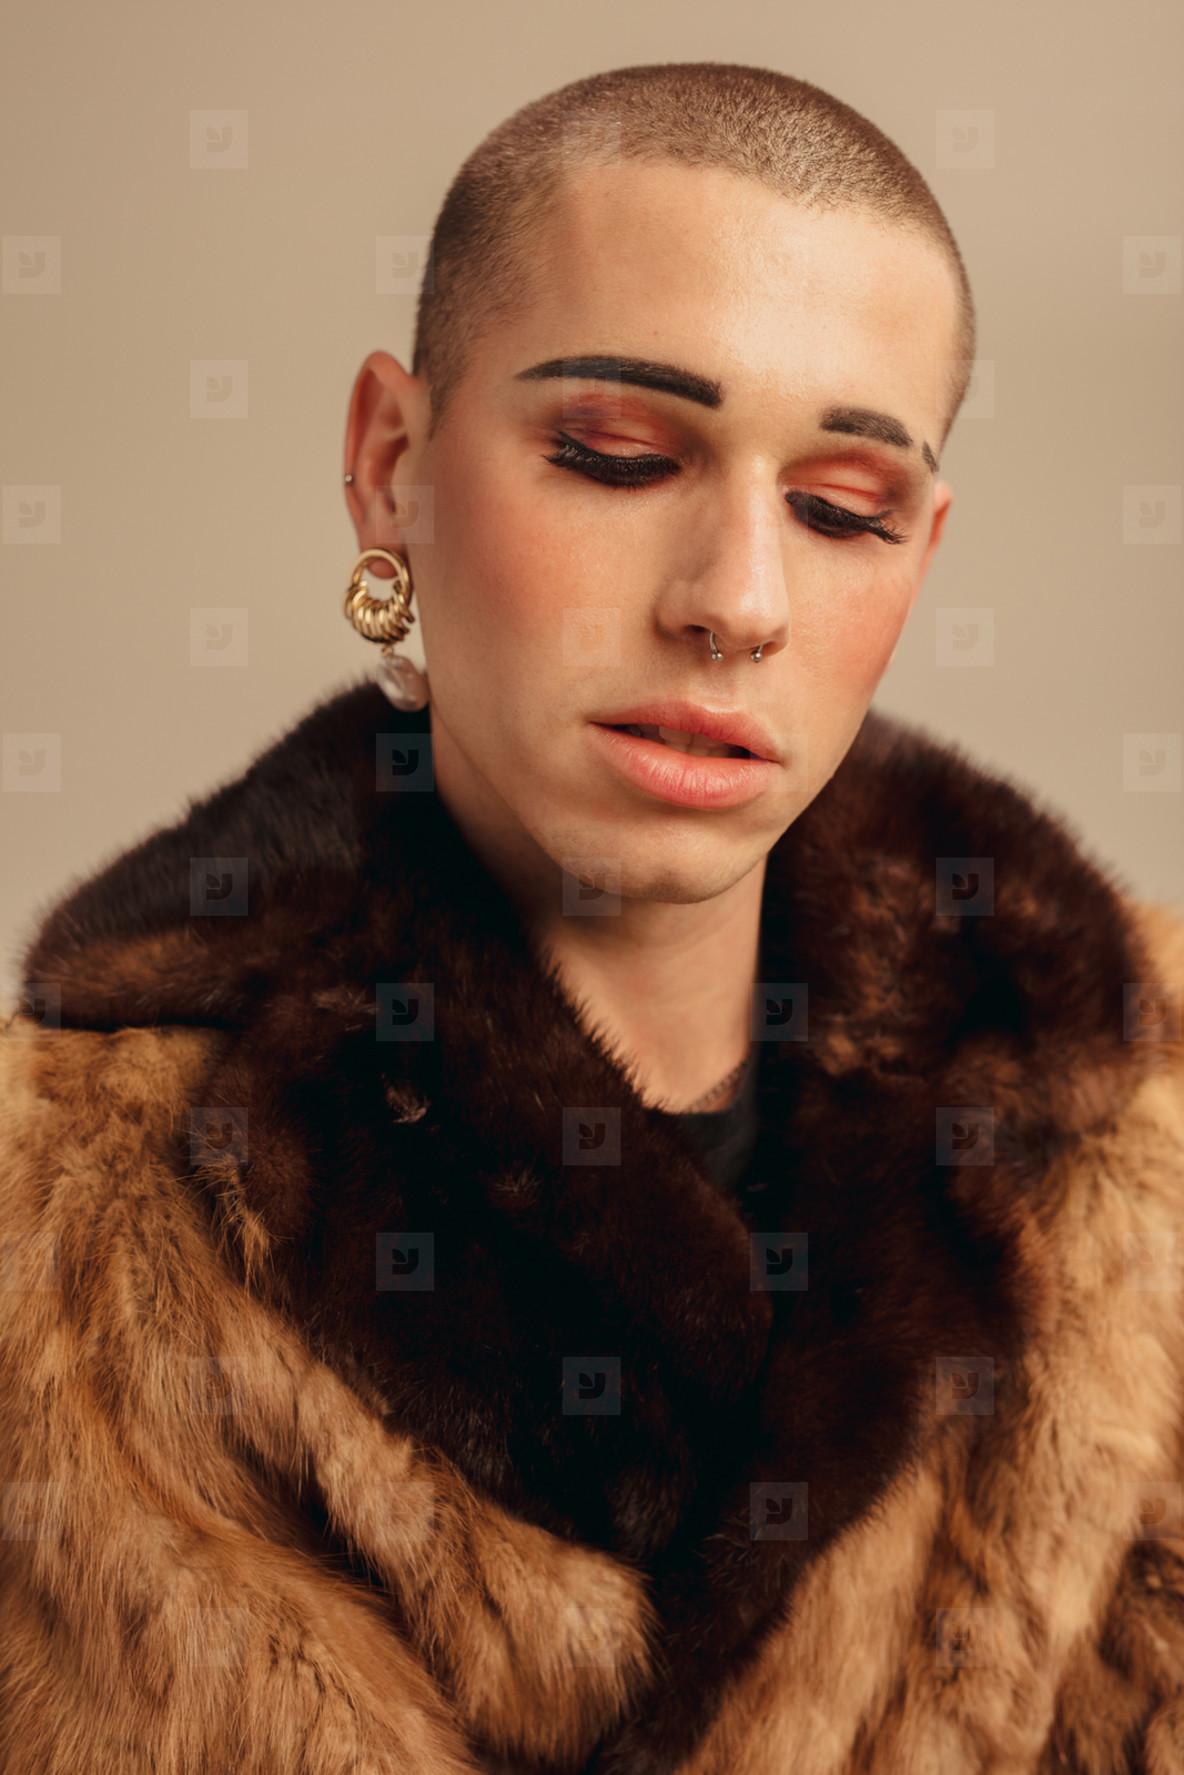 Fashionable gay man in fur coat